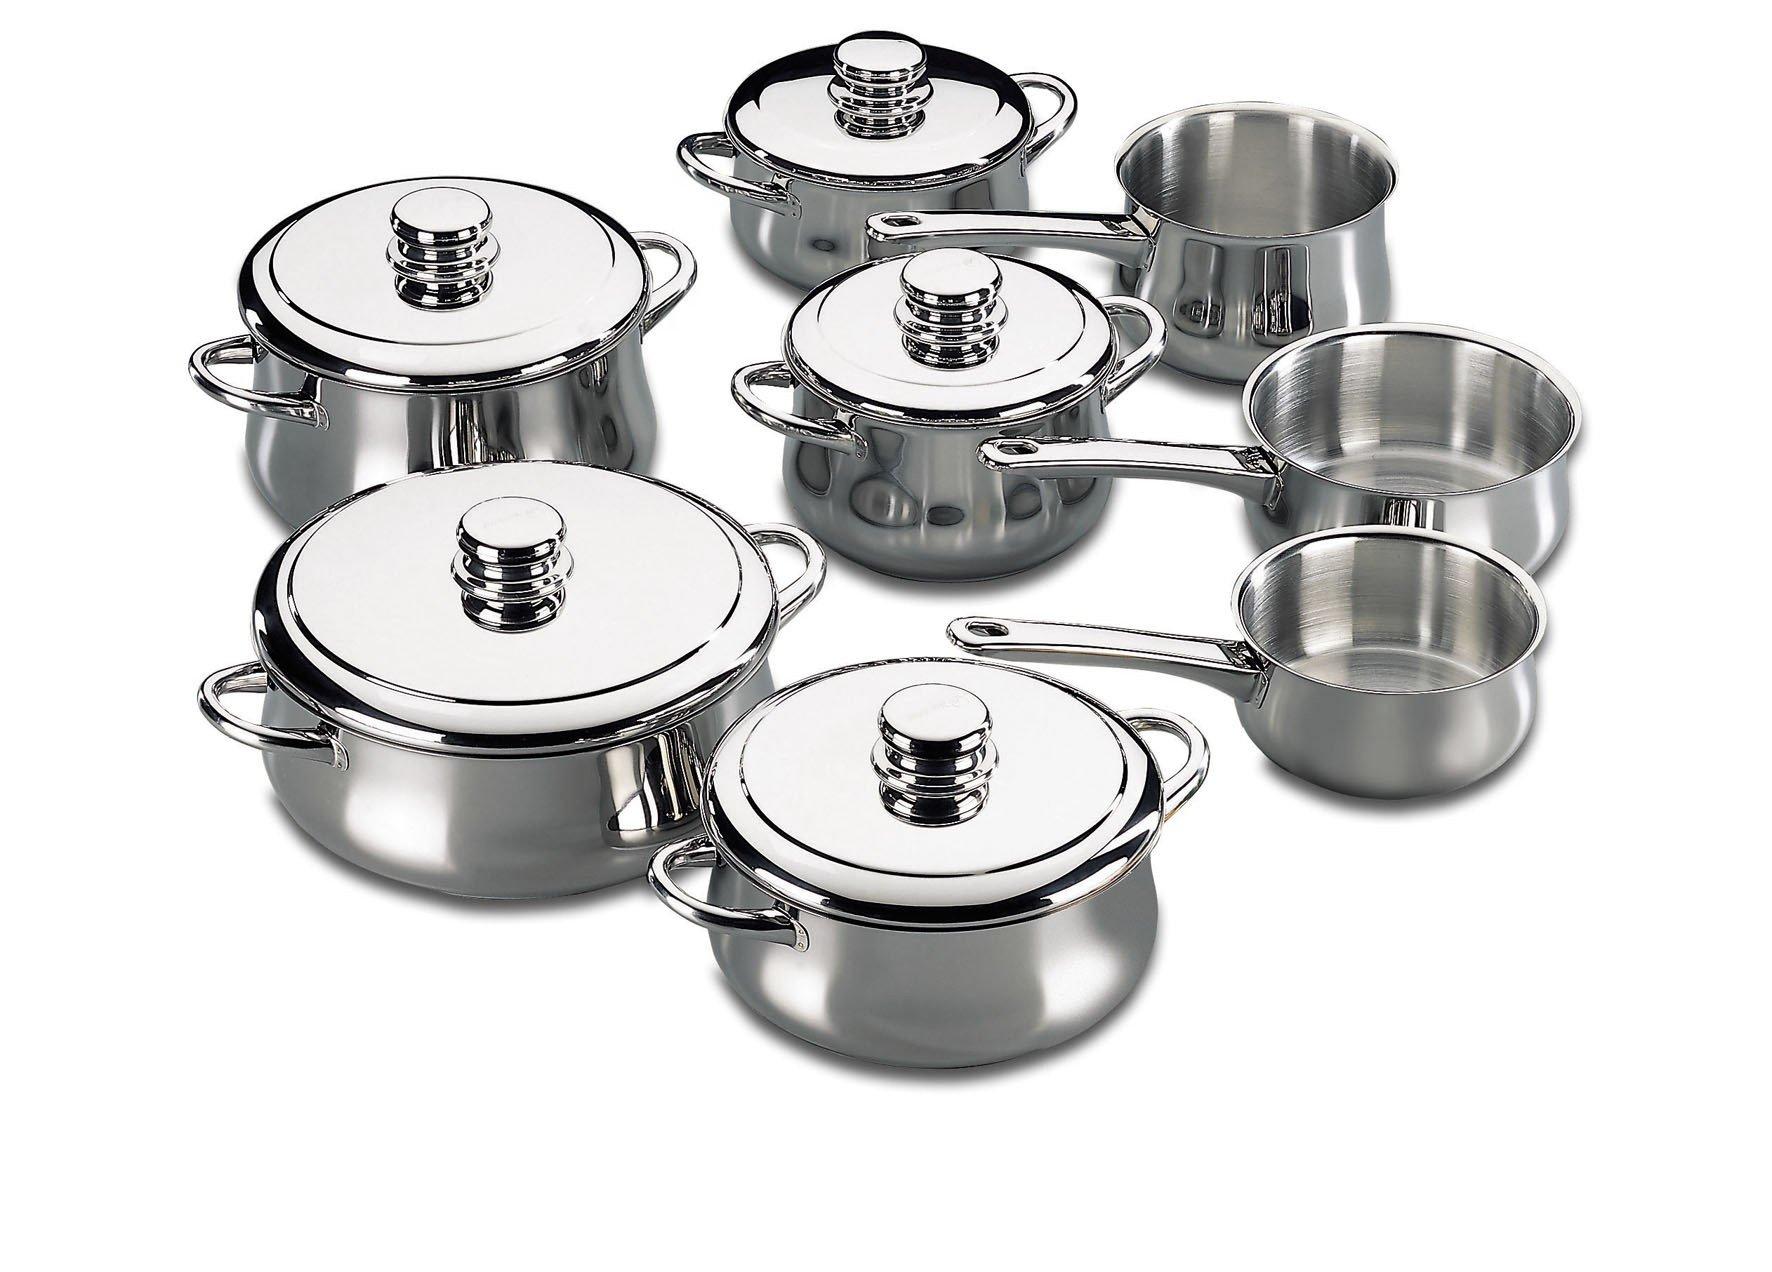 bateria de cocina fagor pae silver fagor 978010194